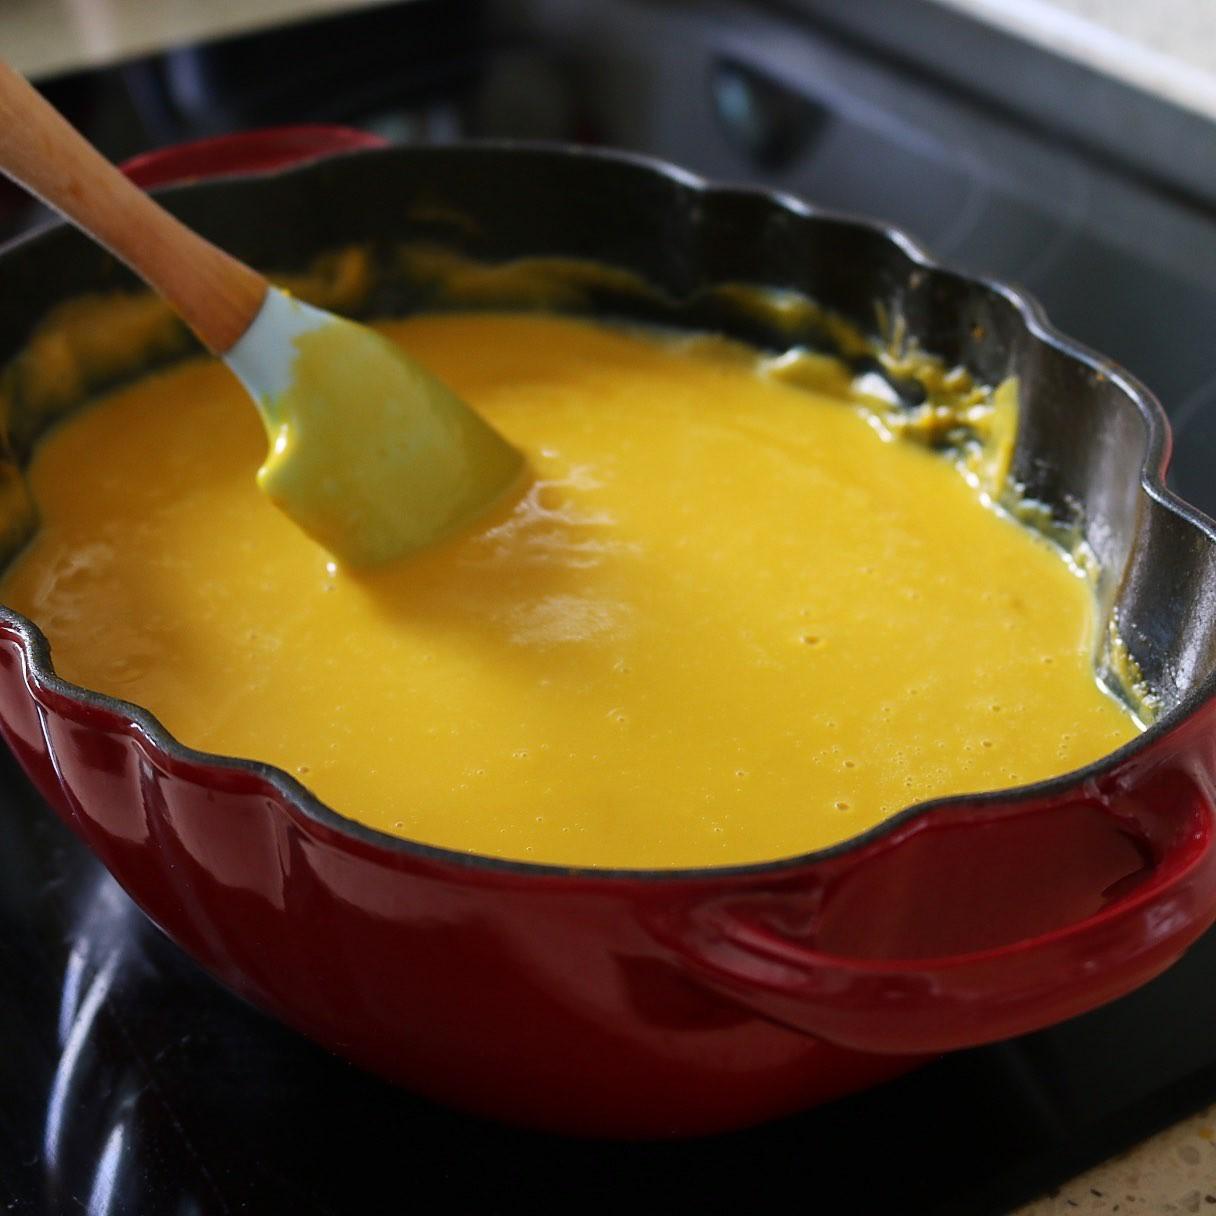 Bạn hãy thêm ngay công thức món súp này vào thực đơn gia đình vì các lợi ích cho sức khỏe nó mang lại - Ảnh 5